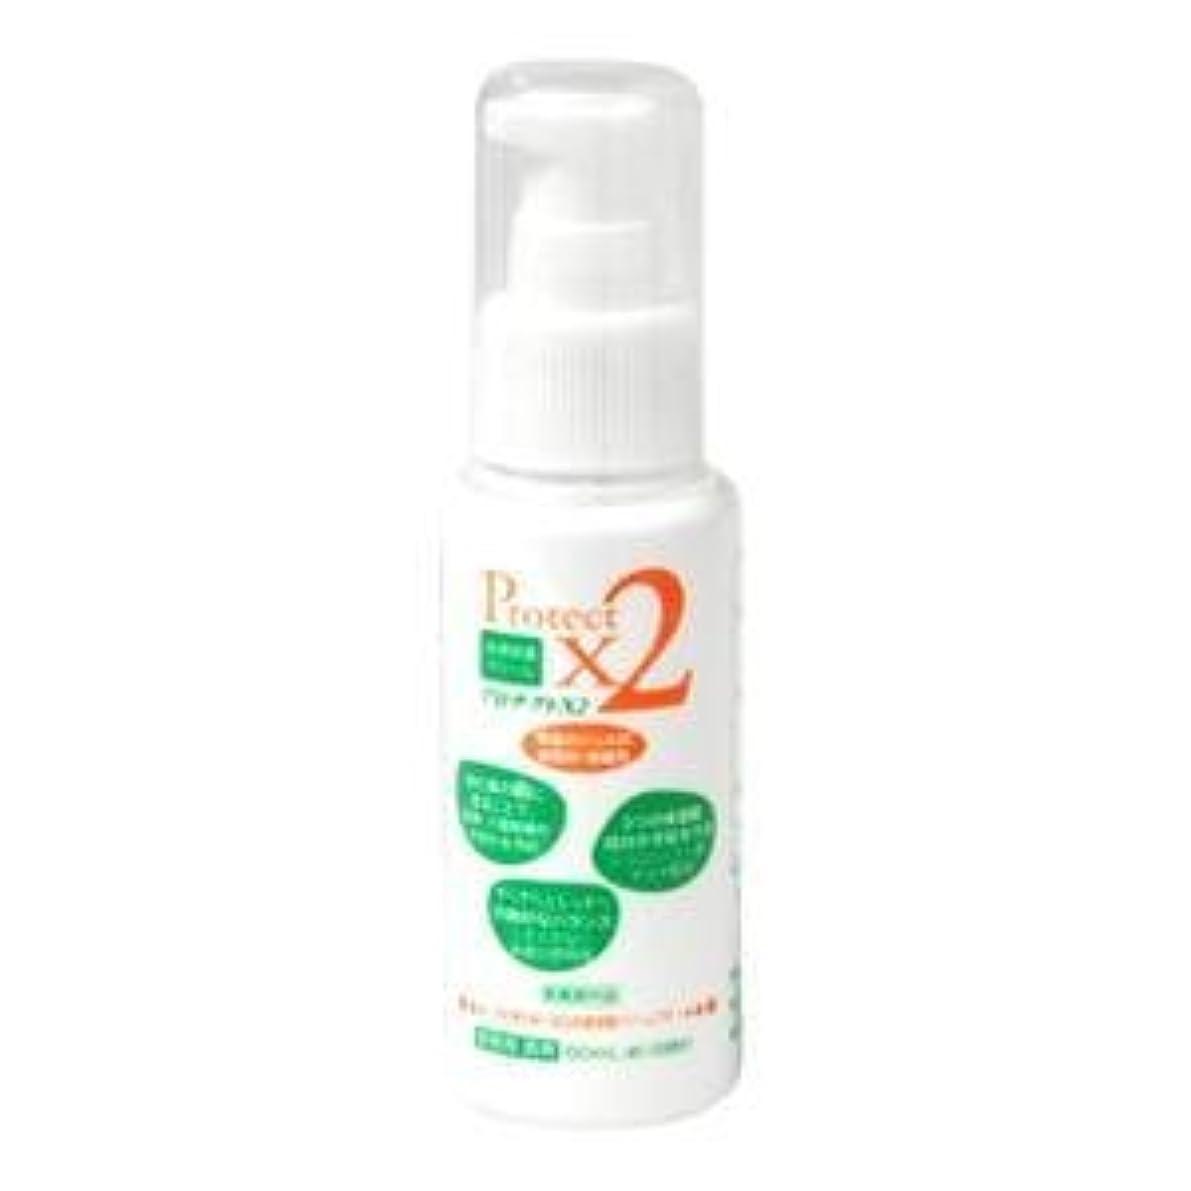 溶岩くつろぐ紛争【敏感肌用/手荒れがひどい方に】 プロテクトX2  お肌を保護する高機能クリーム (60ml)